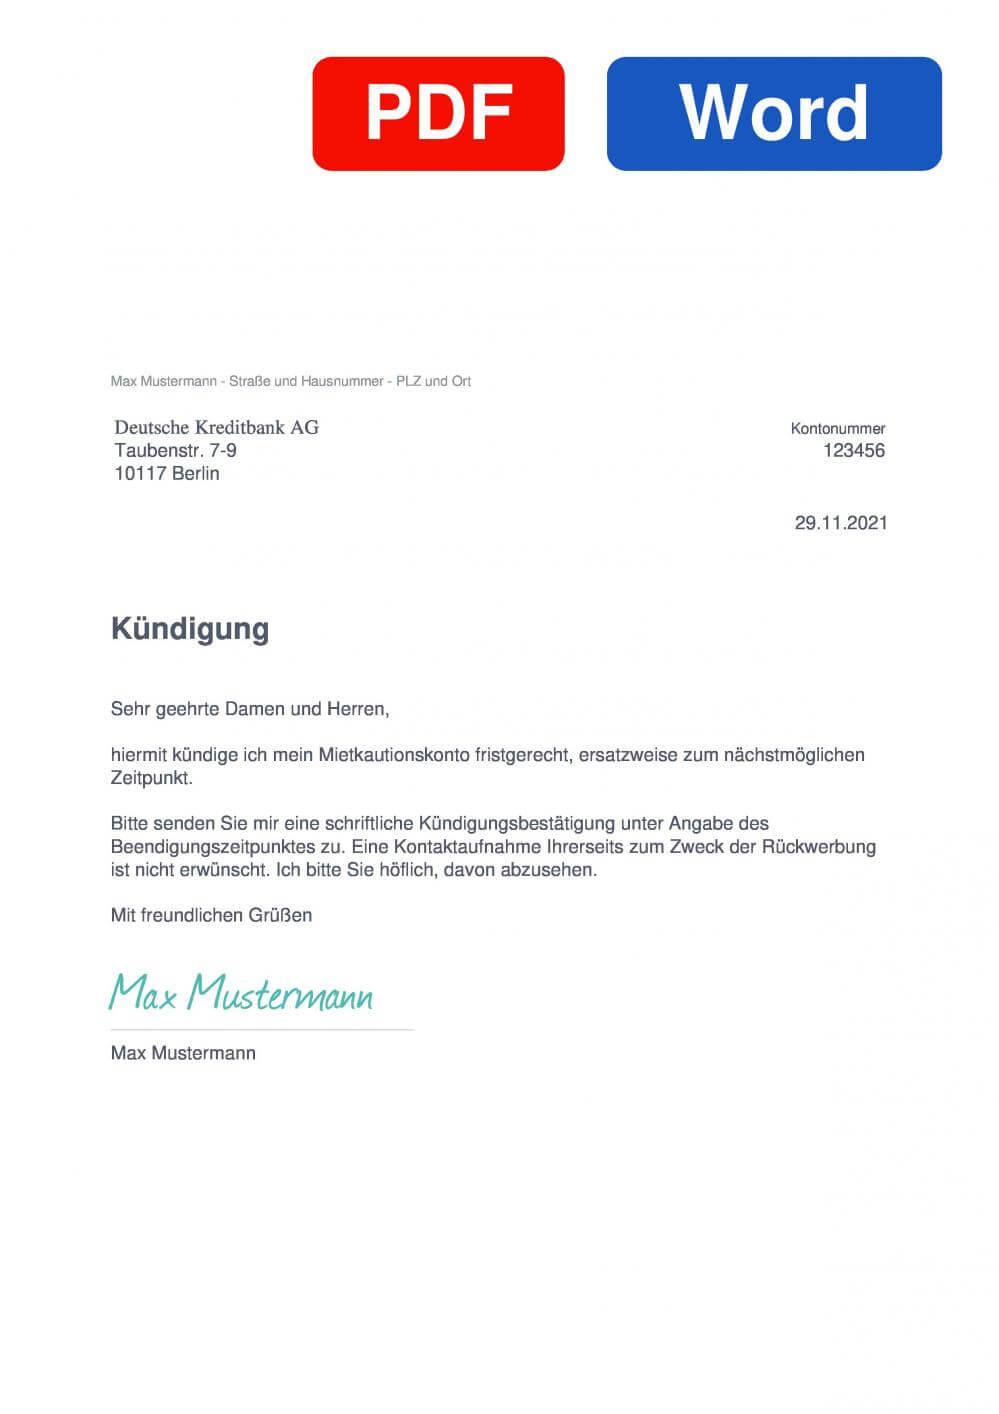 DKB Mietkautionskonto Muster Vorlage für Kündigungsschreiben